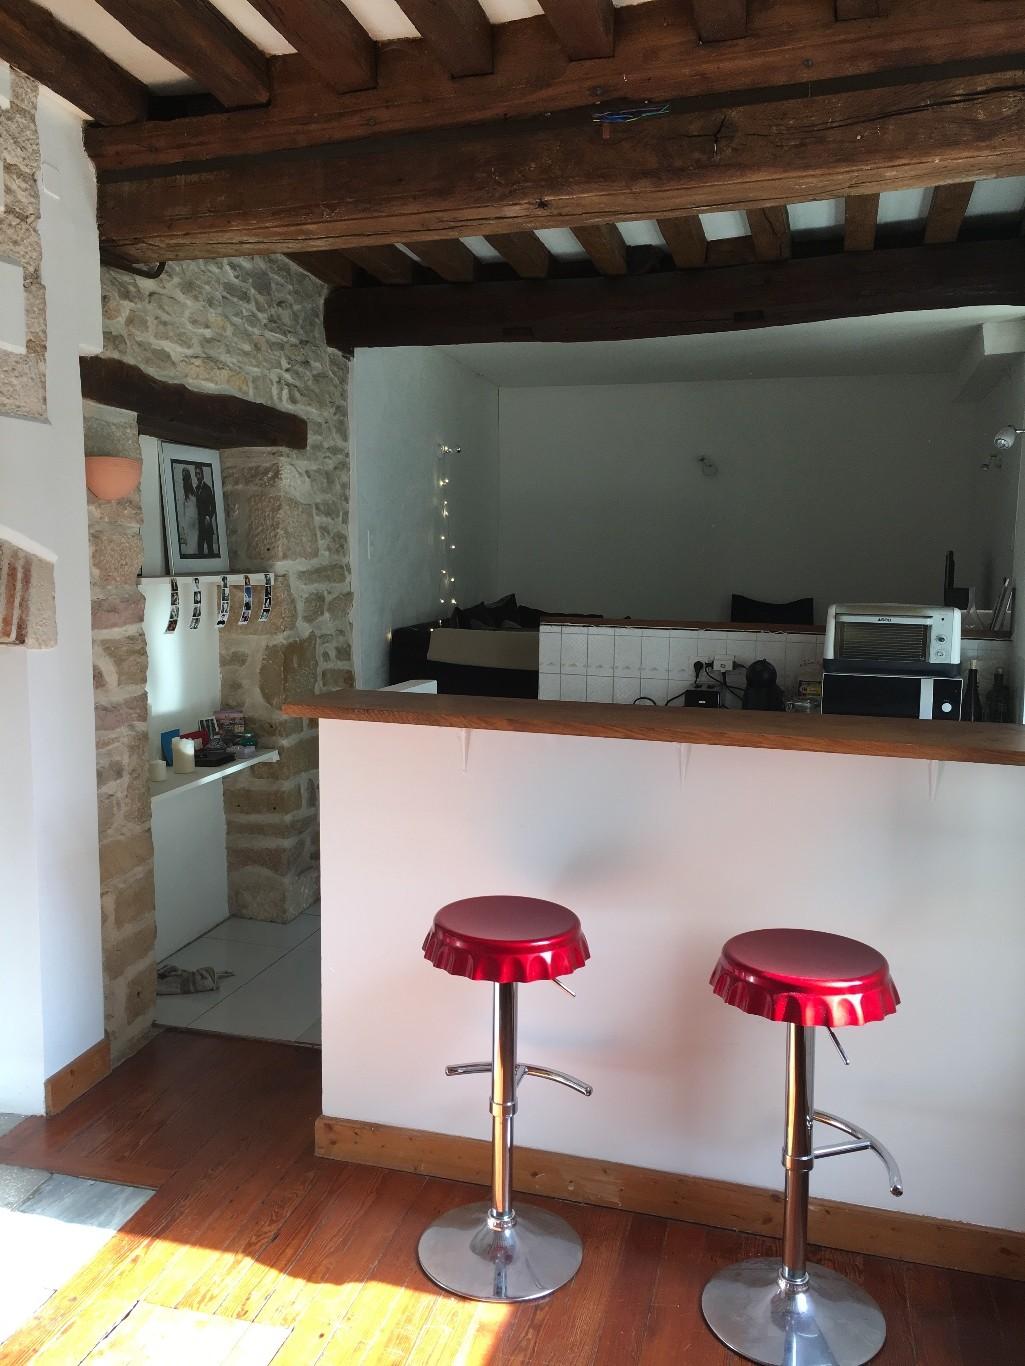 Location appartement Dijon : apprenez les règles du jeu